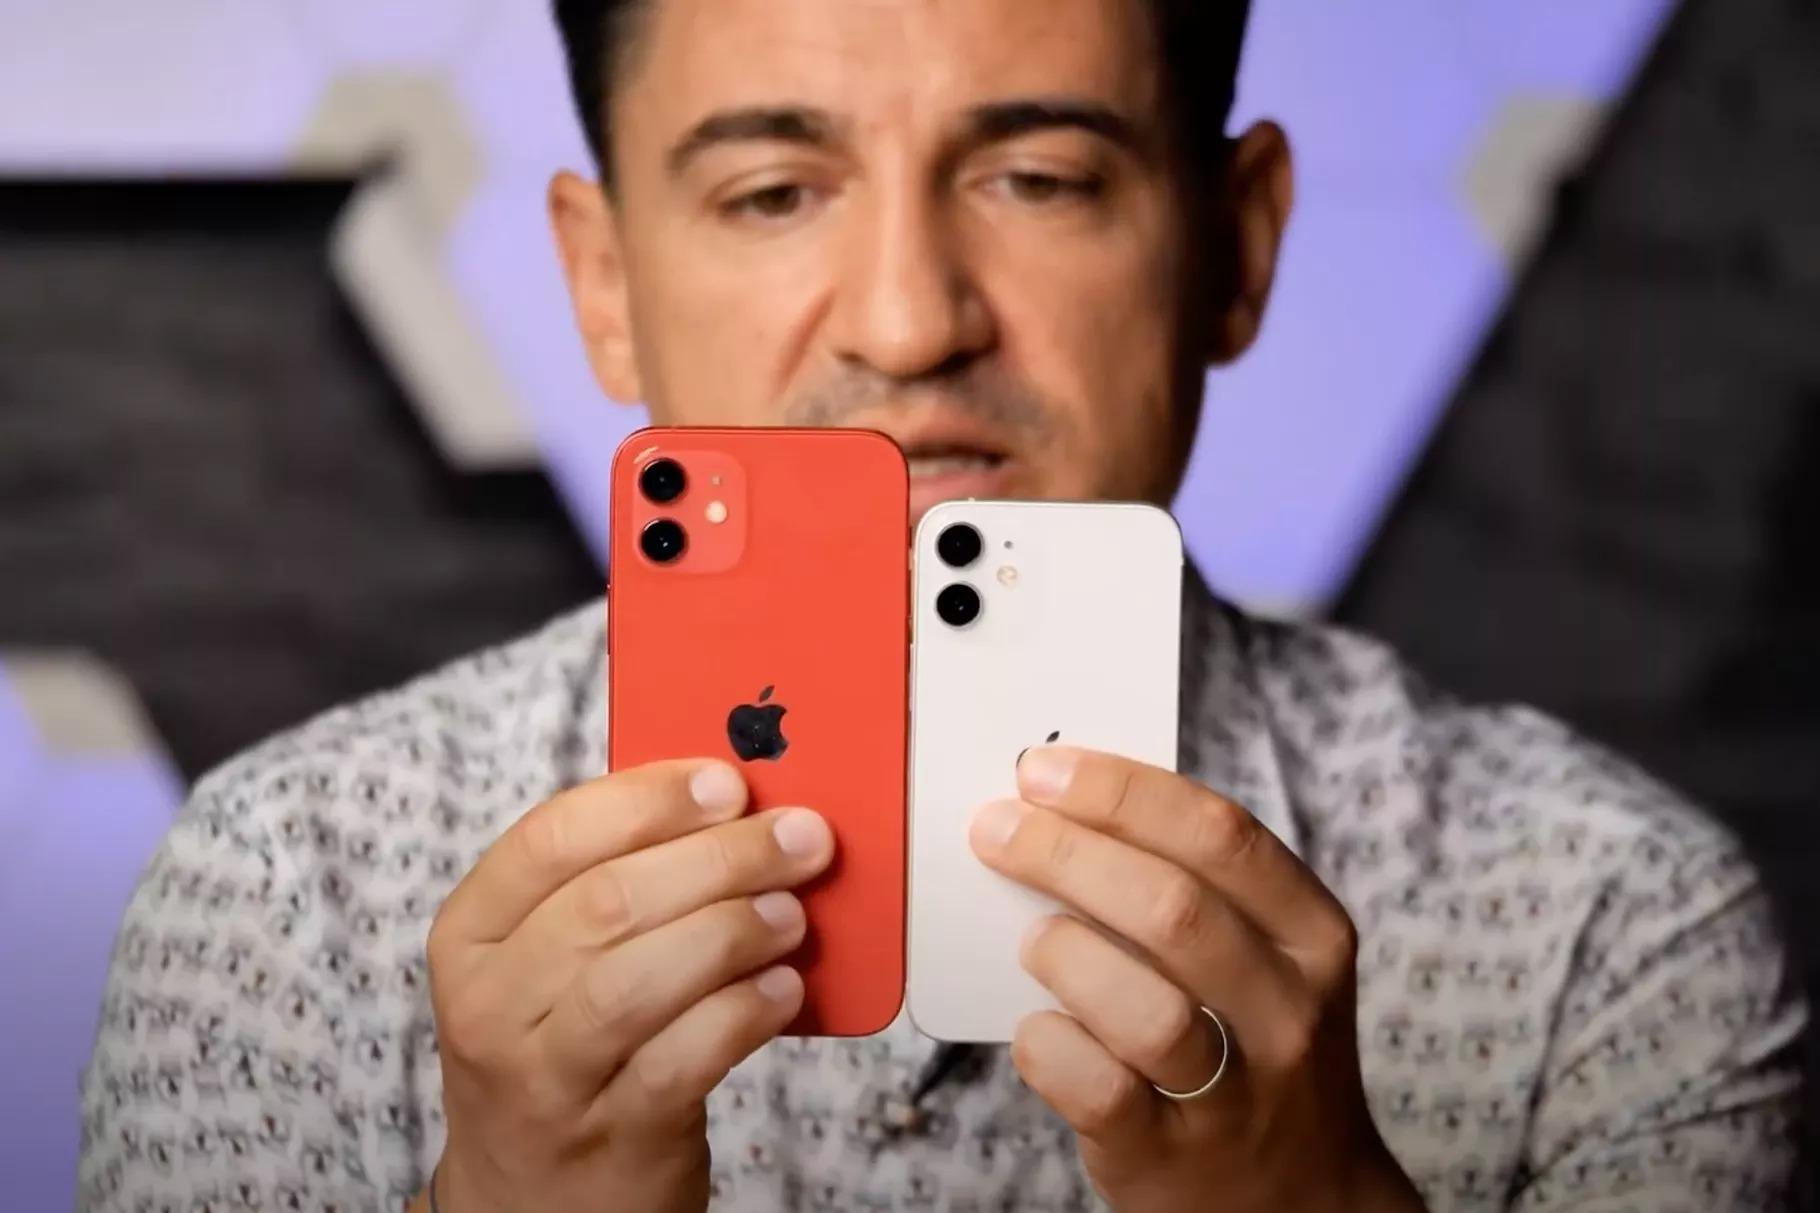 Video trên tay thực tế iPhone 12 mini đầu tiên xuất hiện, có kích thước thực sự rất nhỏ